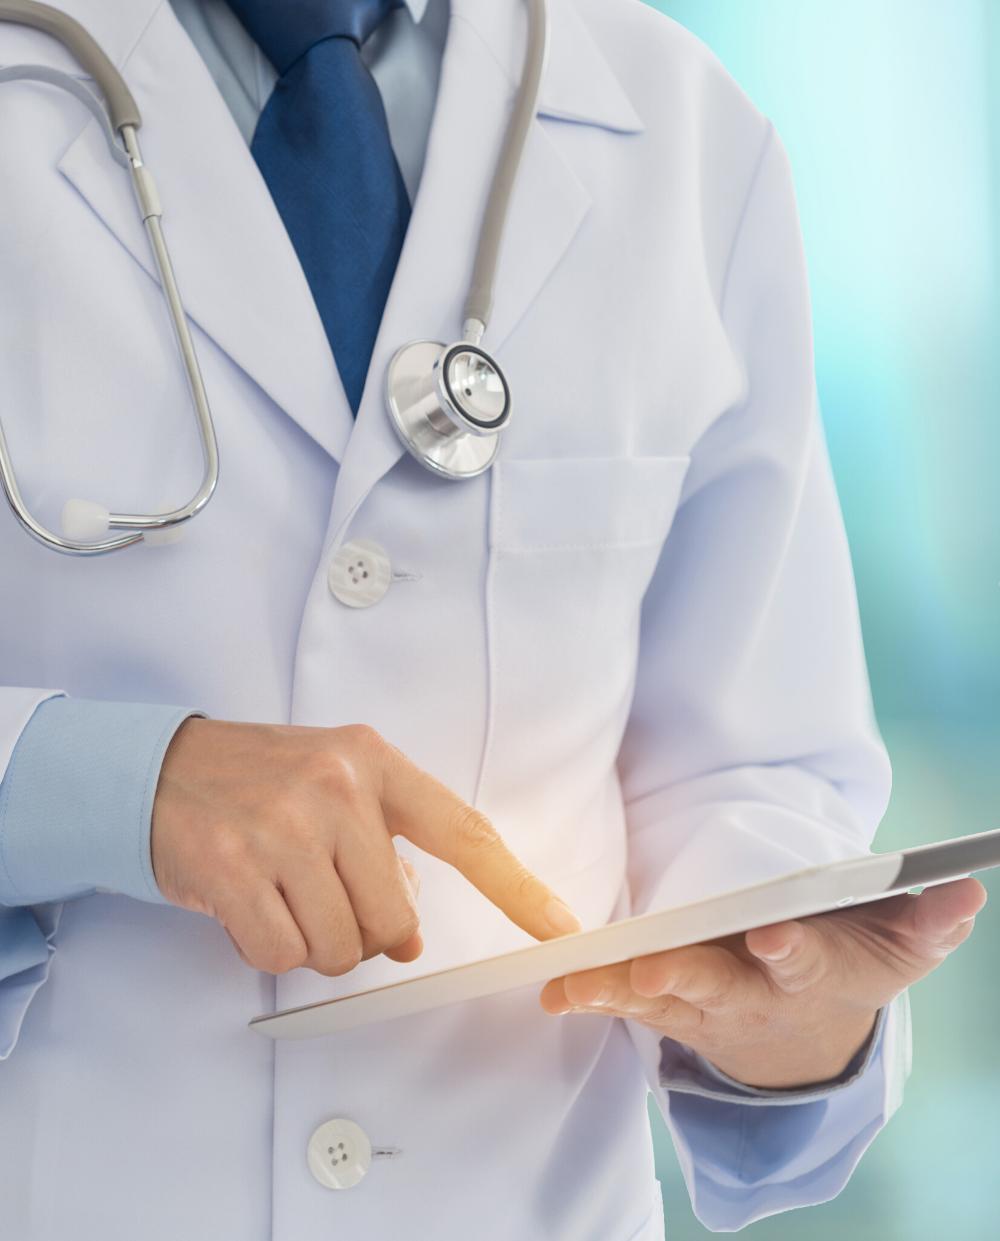 Medecin connecté en consultation FISI